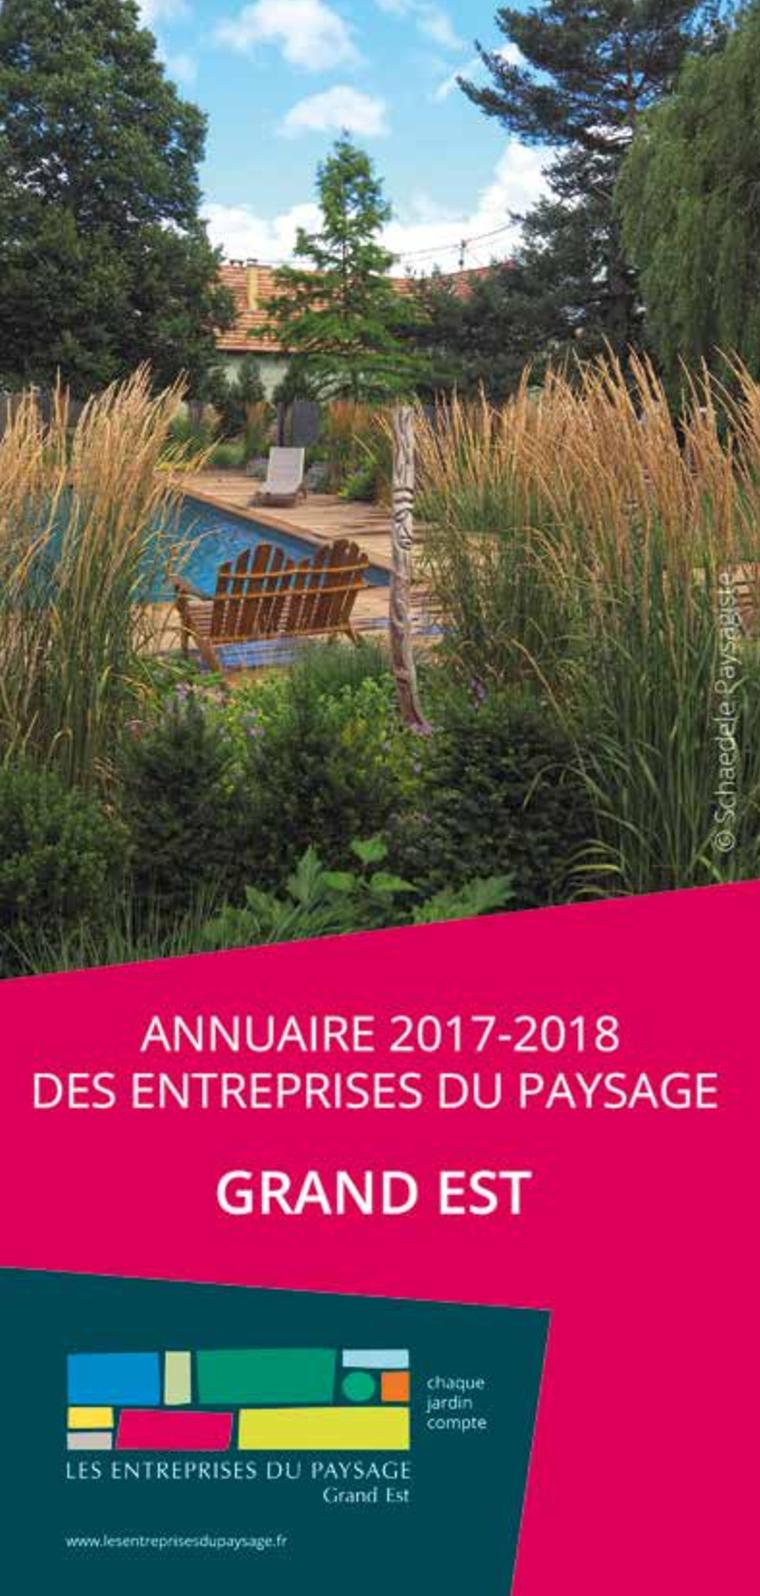 Les Jardins Du Moulin Paysagiste calaméo - annuaire unep grand est 2018